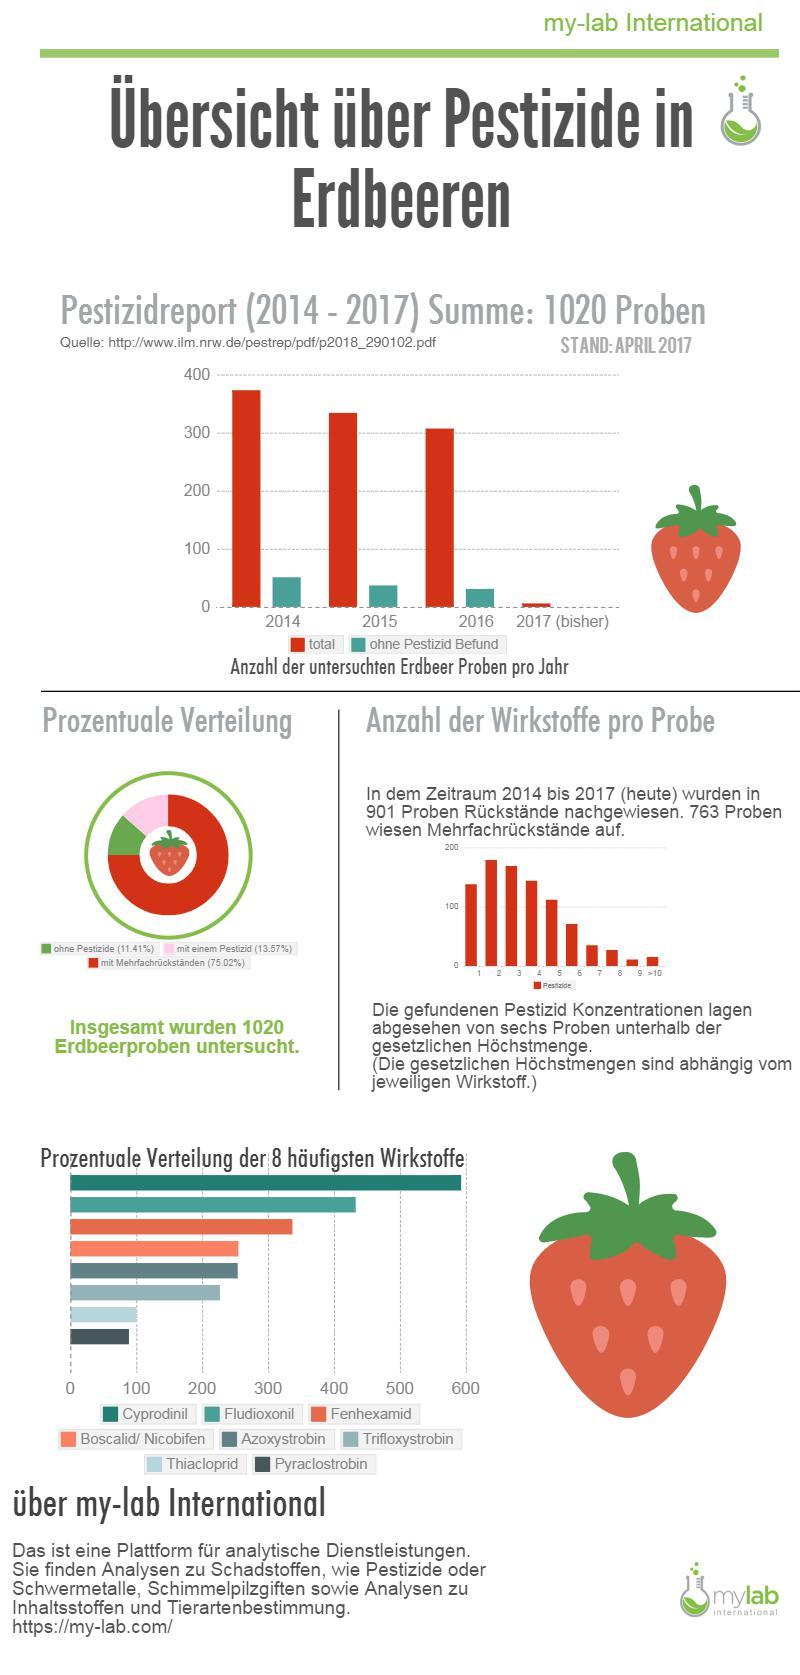 Pestizide in Erdbeeren